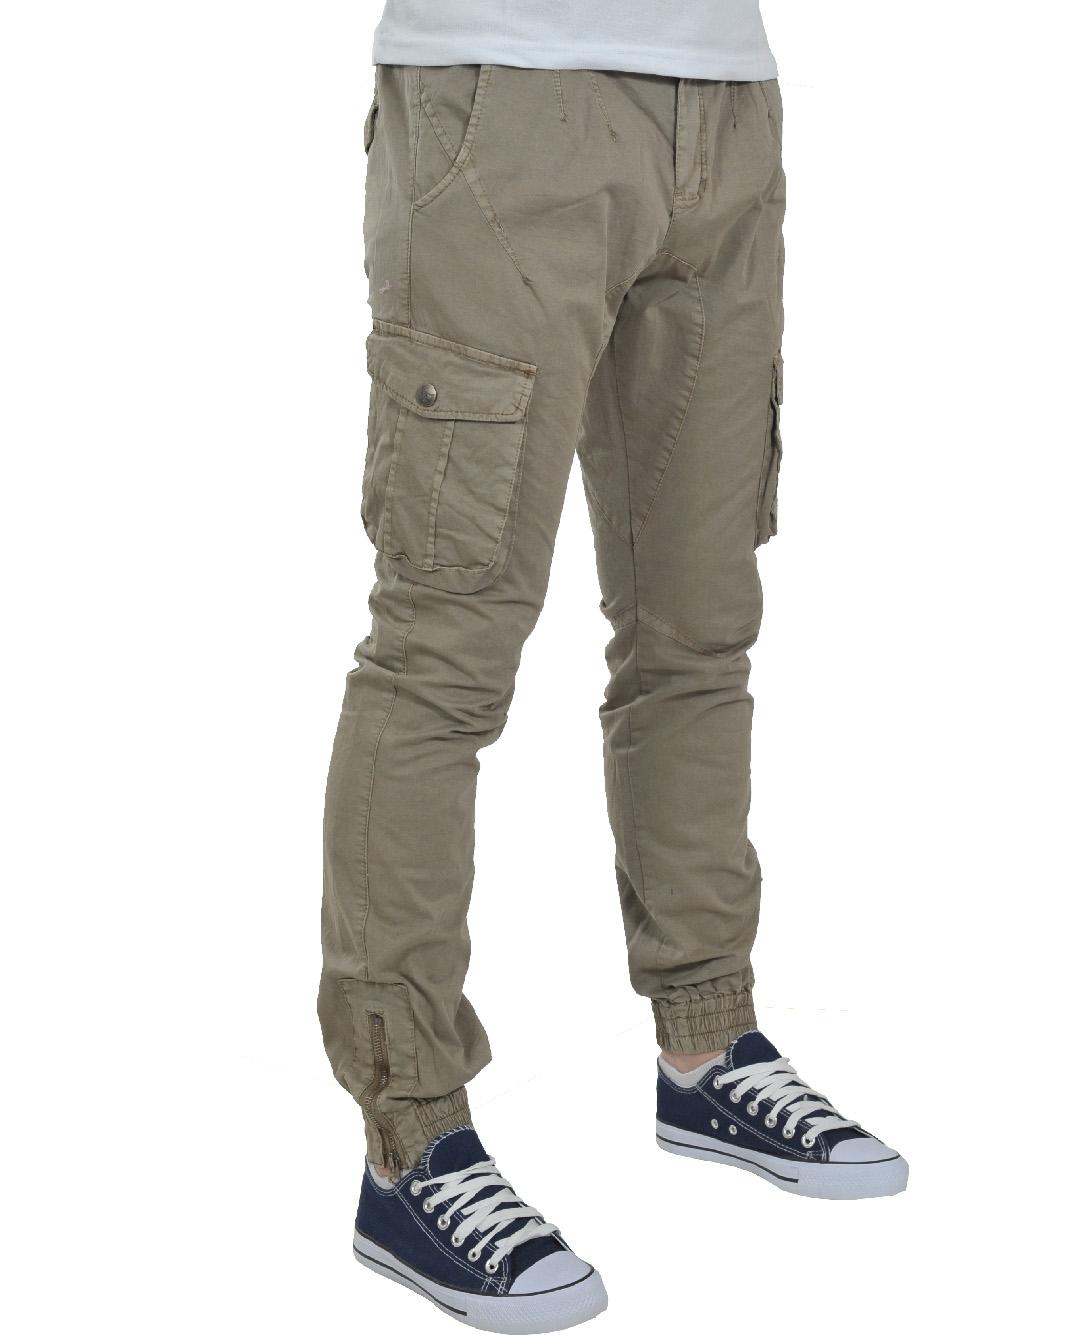 Ανδρικό Chino Παντελόνι Beize Pocket-Μπεζ αρχική ανδρικά ρούχα παντελόνια chinos